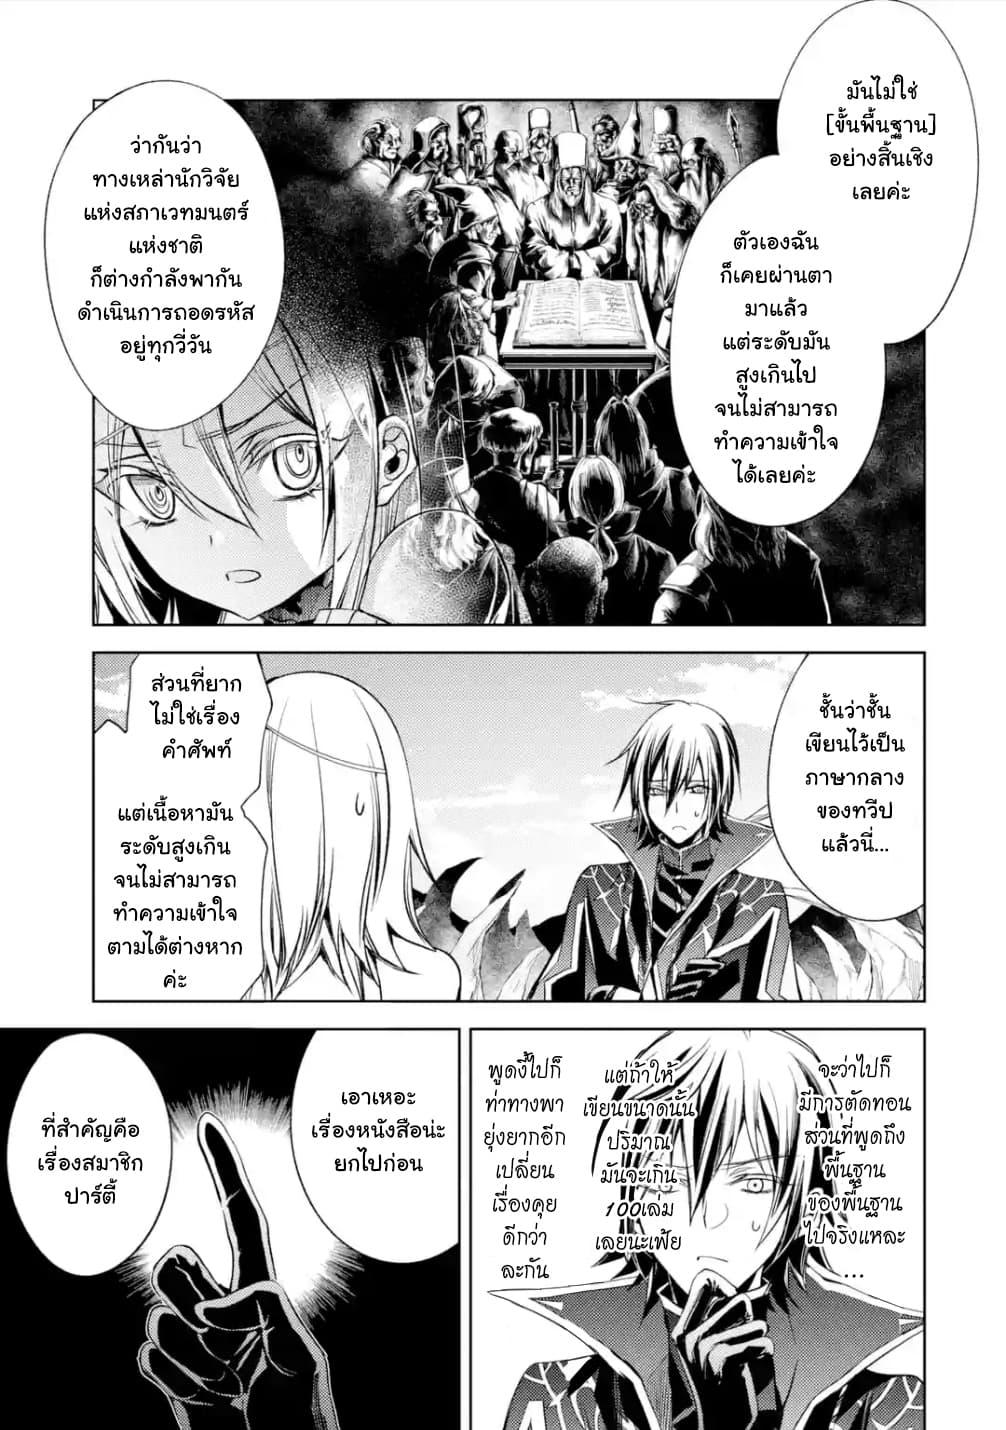 อ่านการ์ตูน Senmetsumadou no Saikyokenja ตอนที่ 4.2 หน้าที่ 3